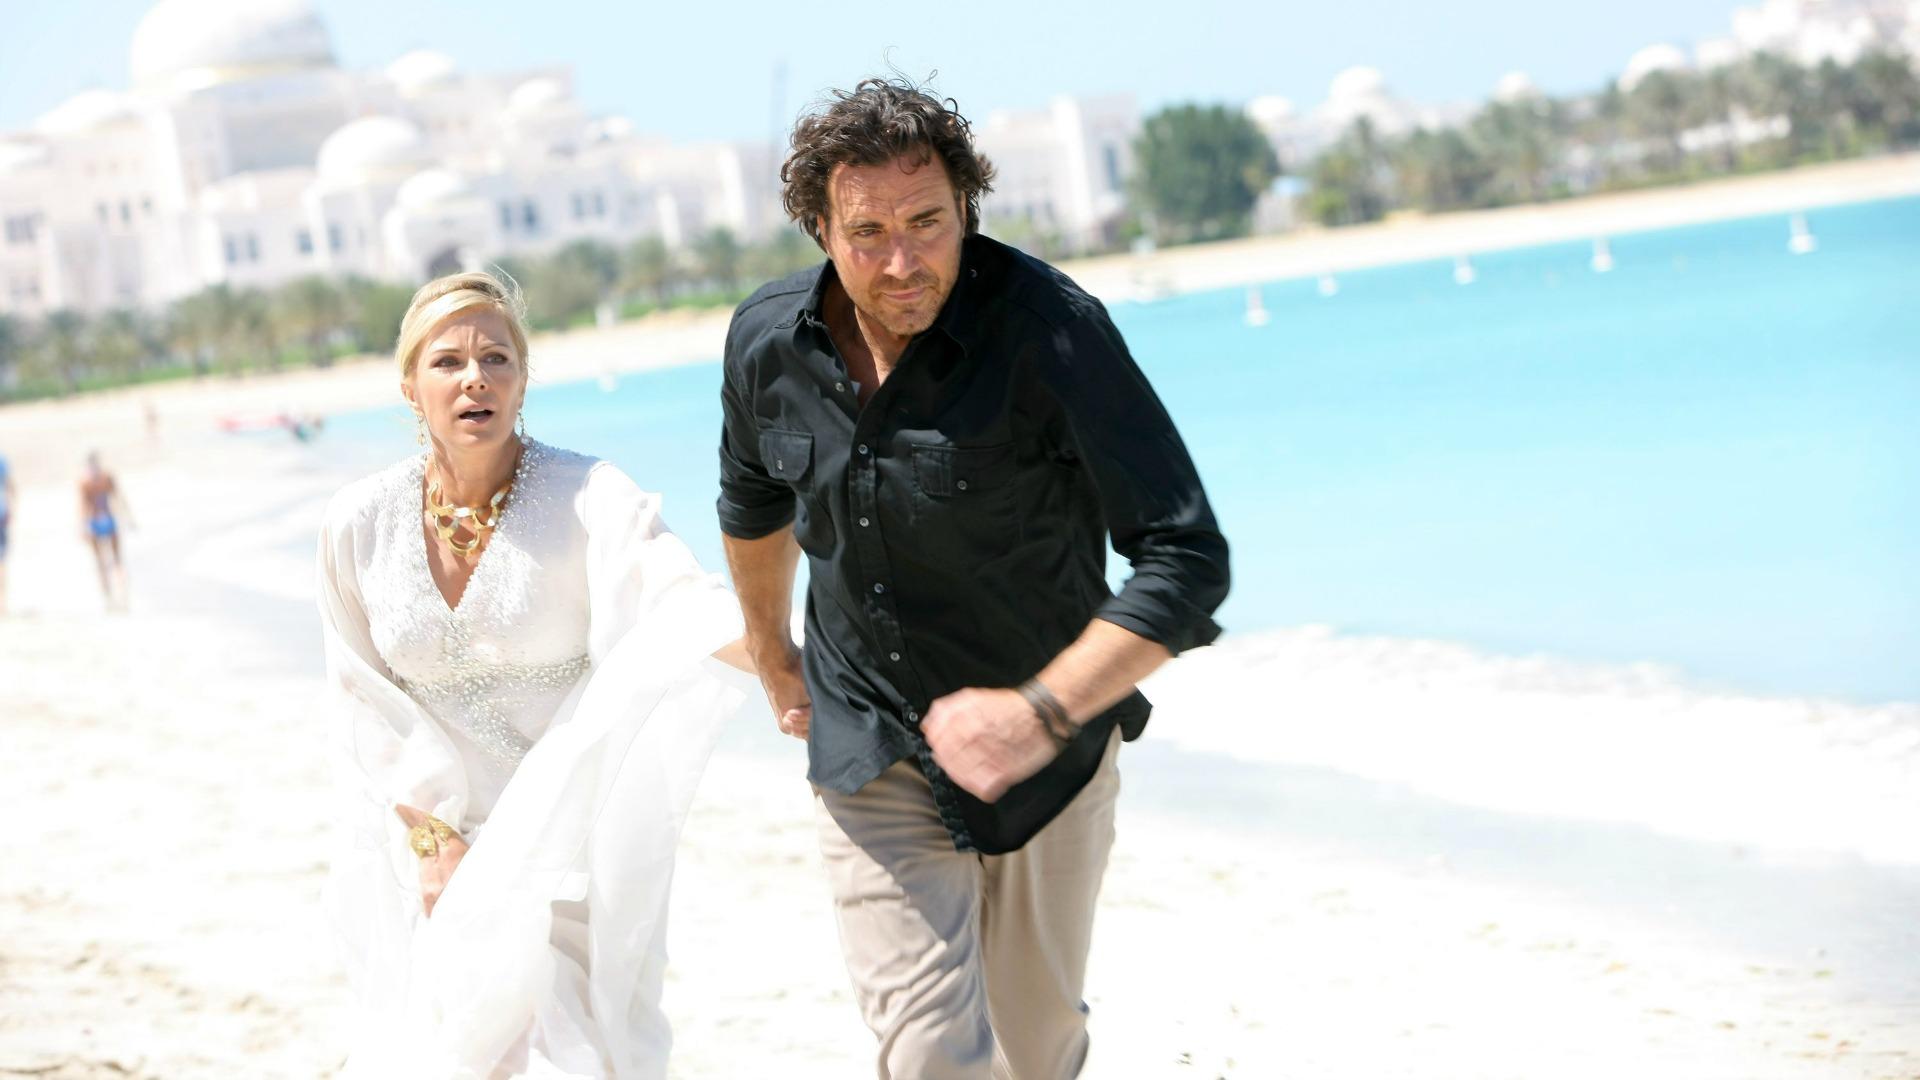 Ridge disrupted Bill and Brooke's wedding in Dubai.